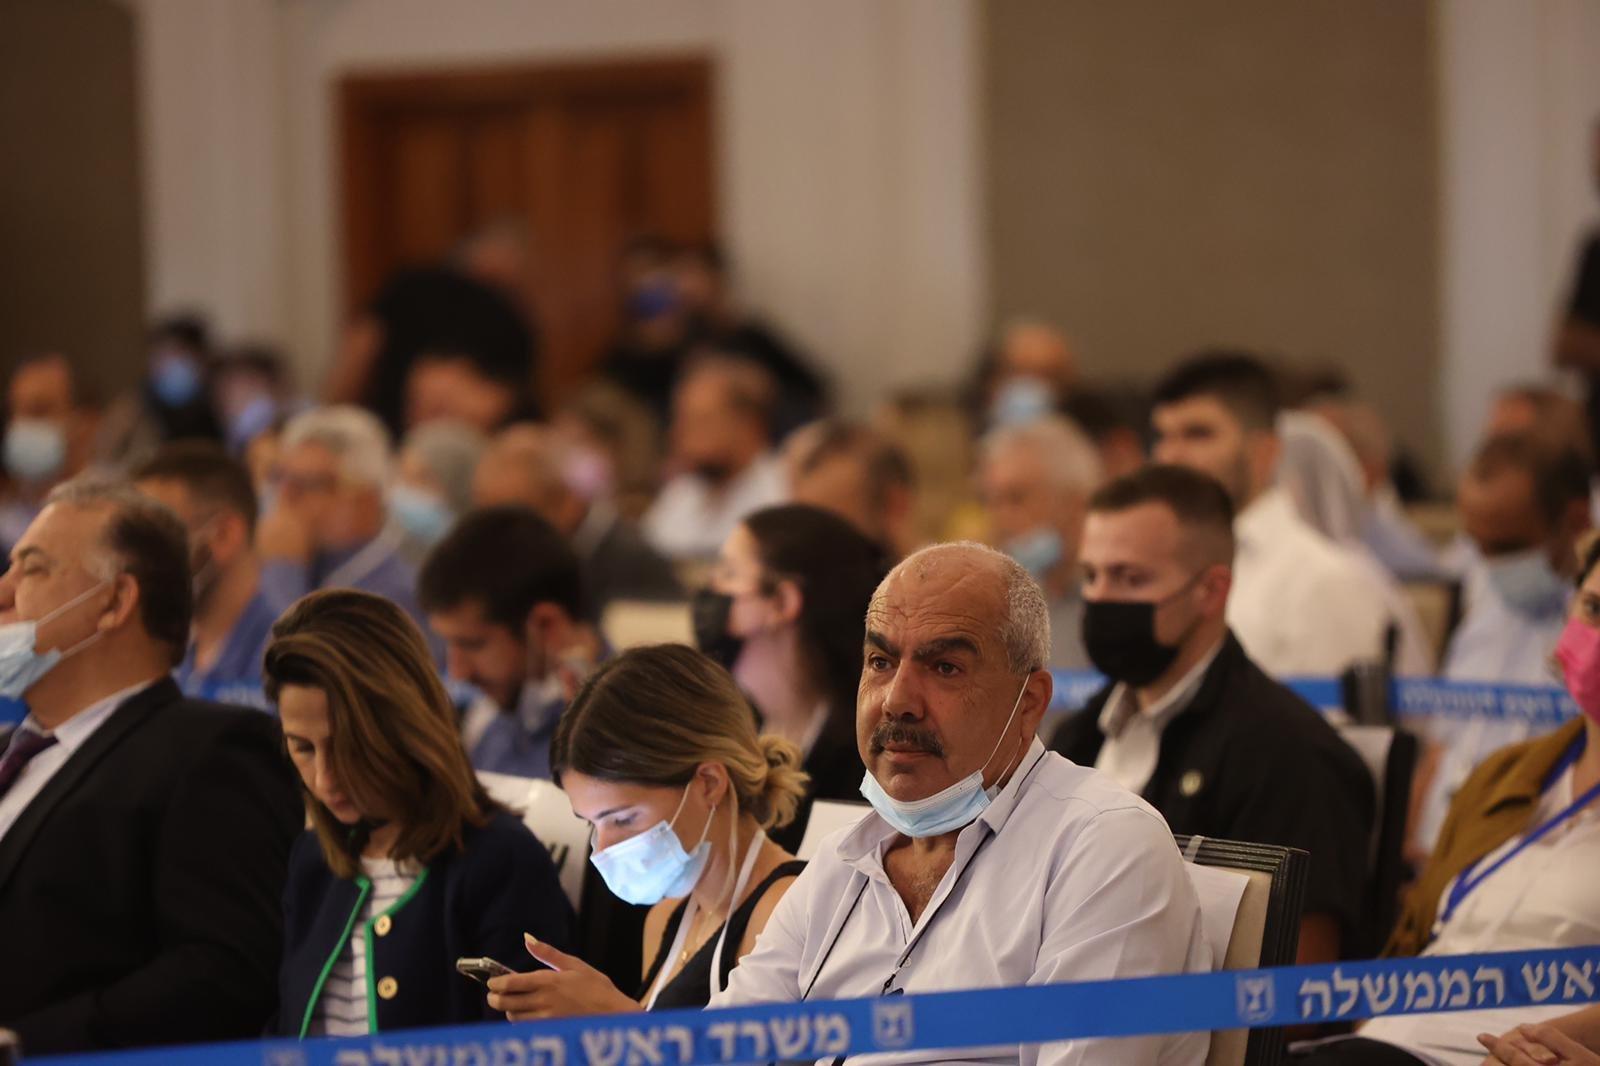 مشاركة كبيرة ومحاضرات هامة في المؤتمر الاقتصادي للمجتمع العربي بالناصرة-4